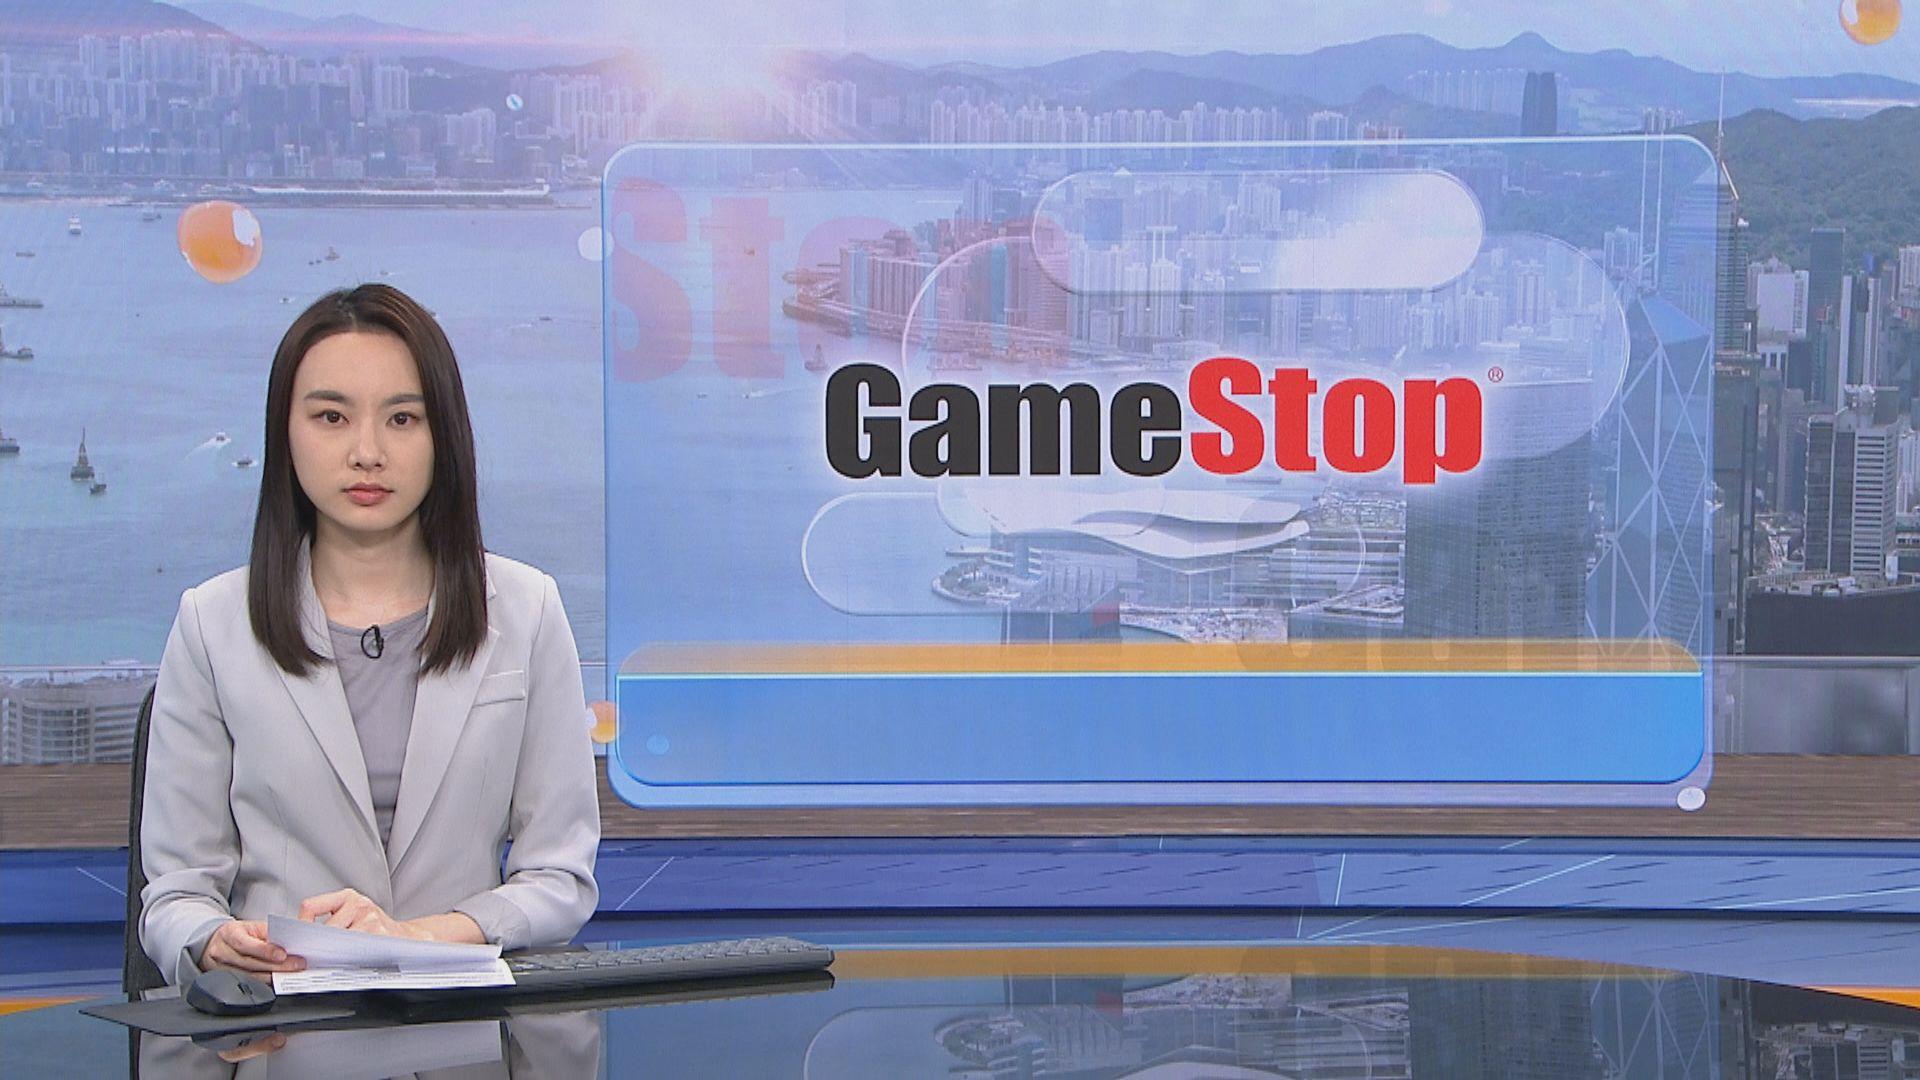 眾議院就GameStop挾淡倉事件舉行聽證會